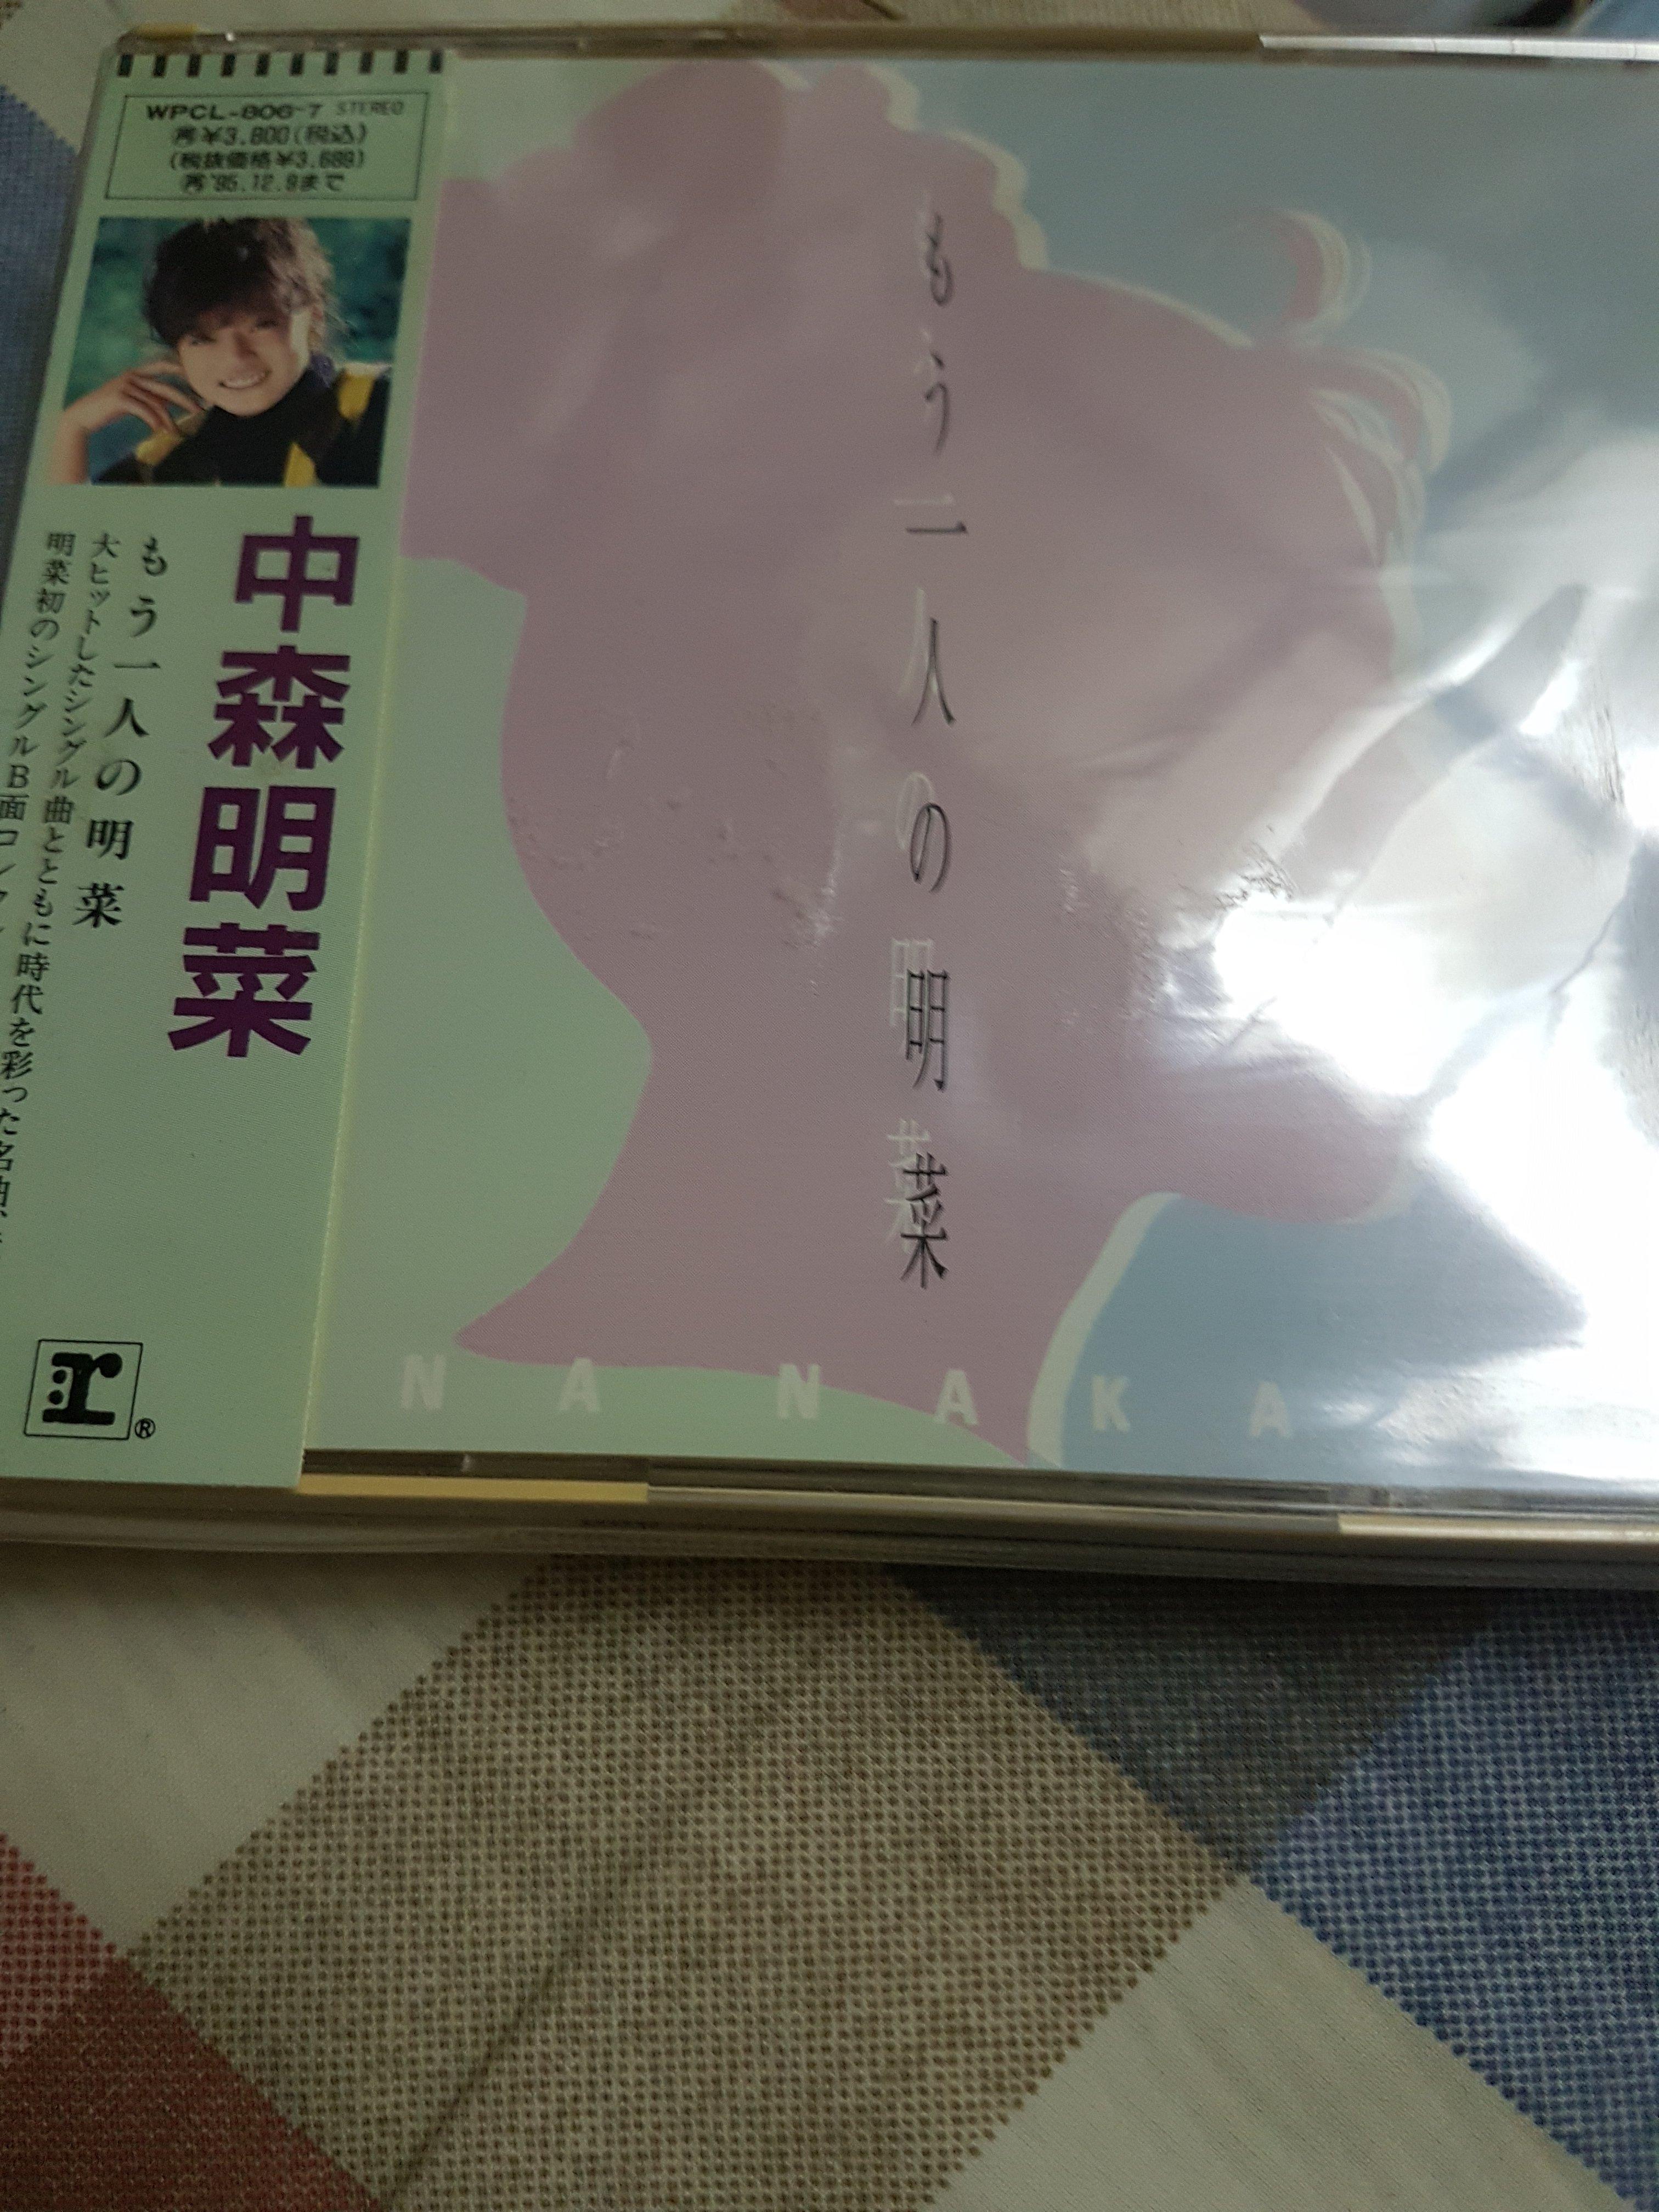 中森明菜日本版專輯cd b面曲